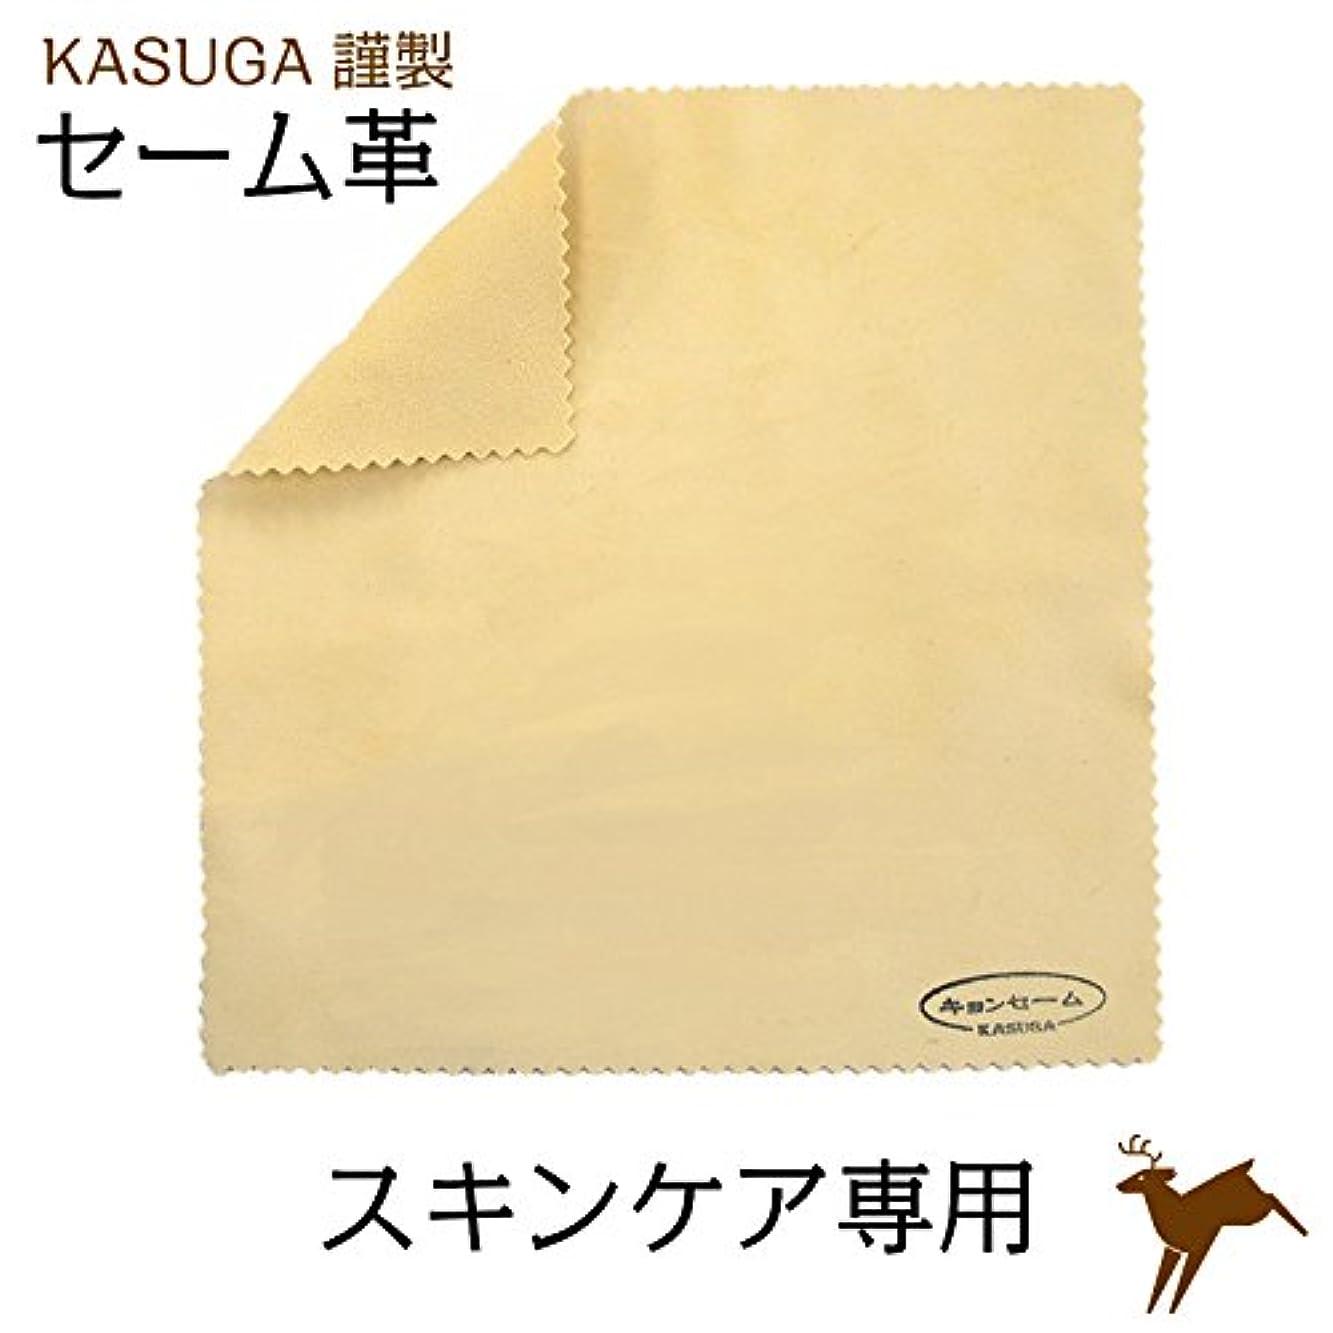 バックアップ吸収剤機構春日カスガ謹製 スキンケア専用キョンセーム革 20cm×20cm 3???